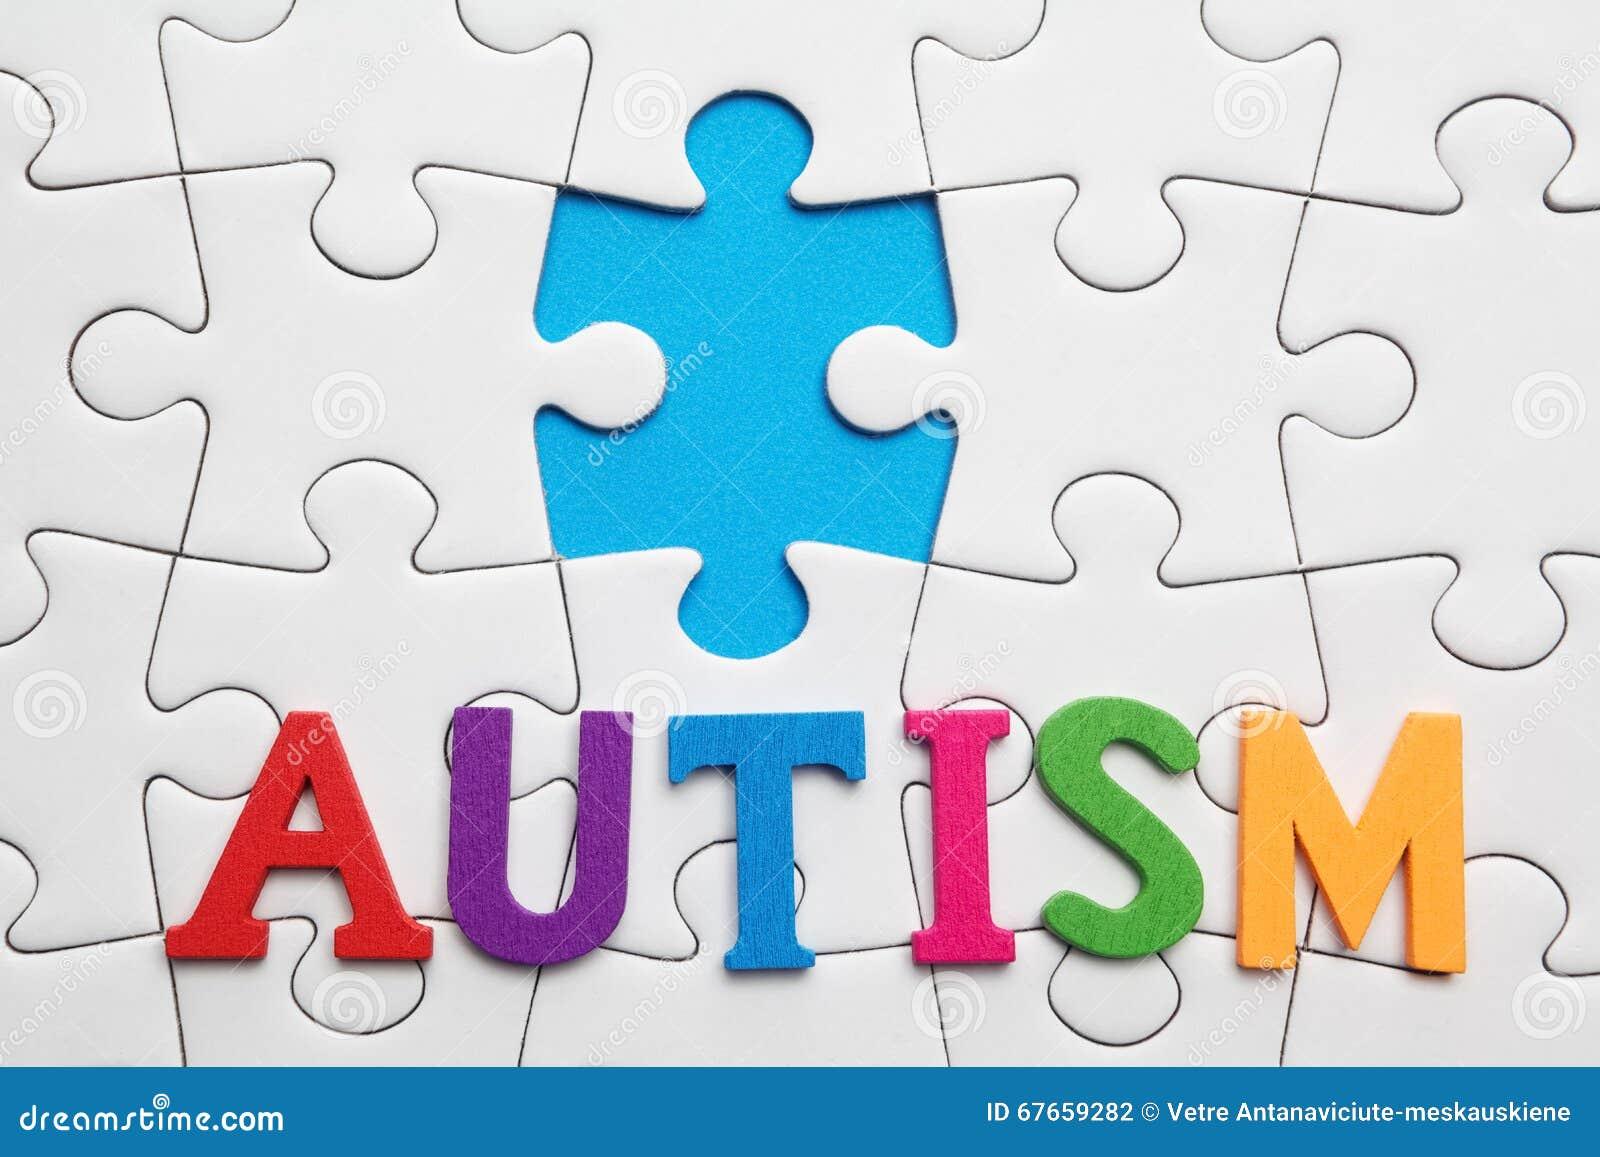 Iscrizione di autismo su un fondo bianco di puzzle